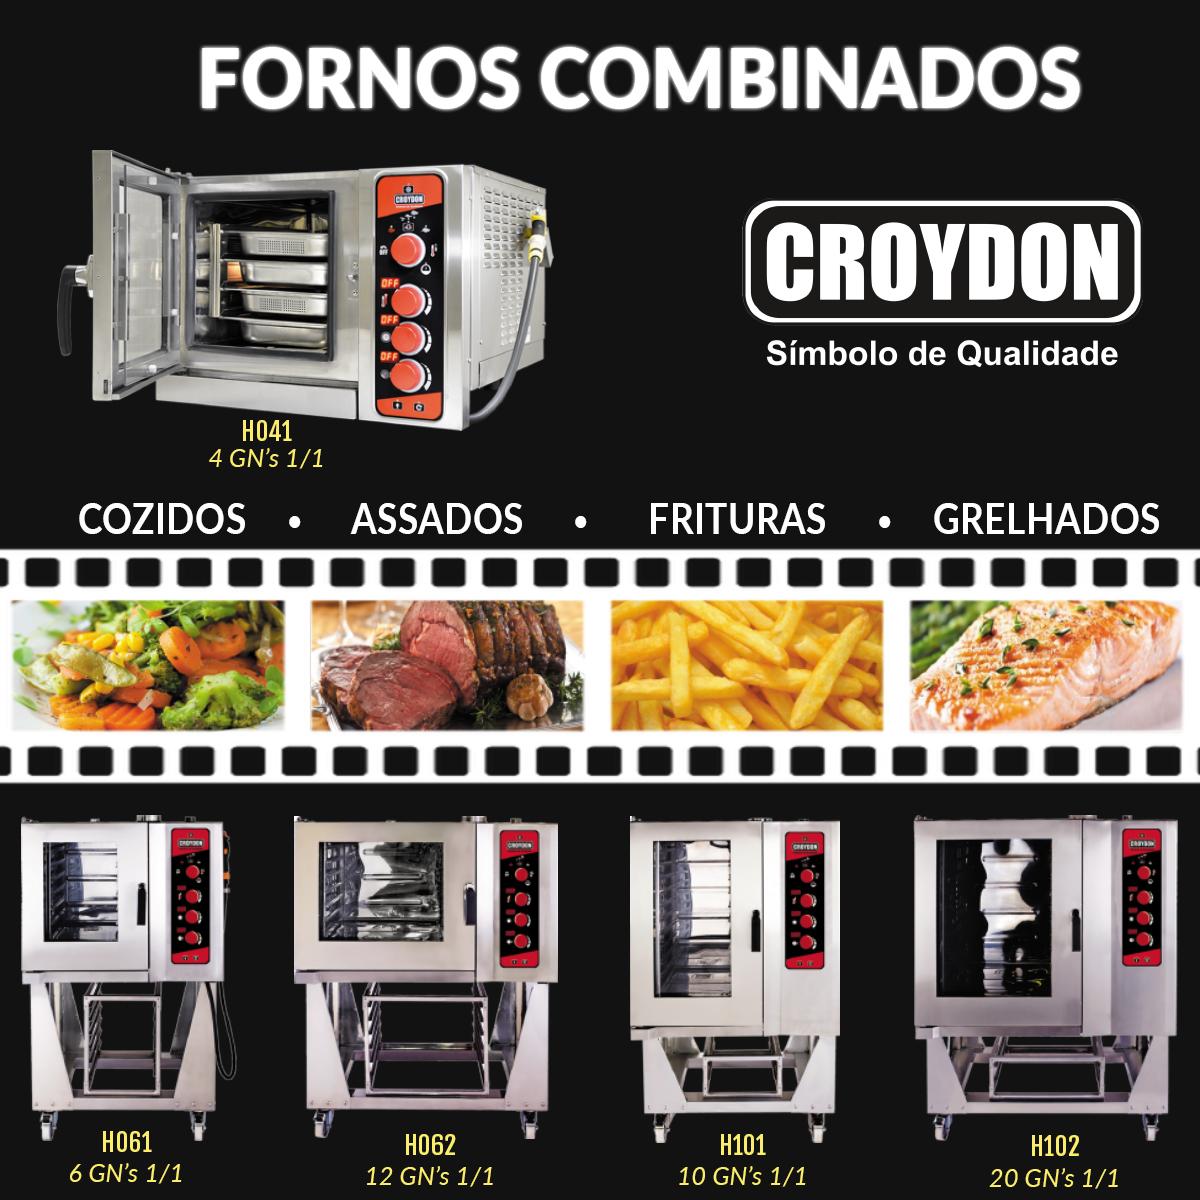 NOTÍCIAS: FORNO COMBINADO CROYDON